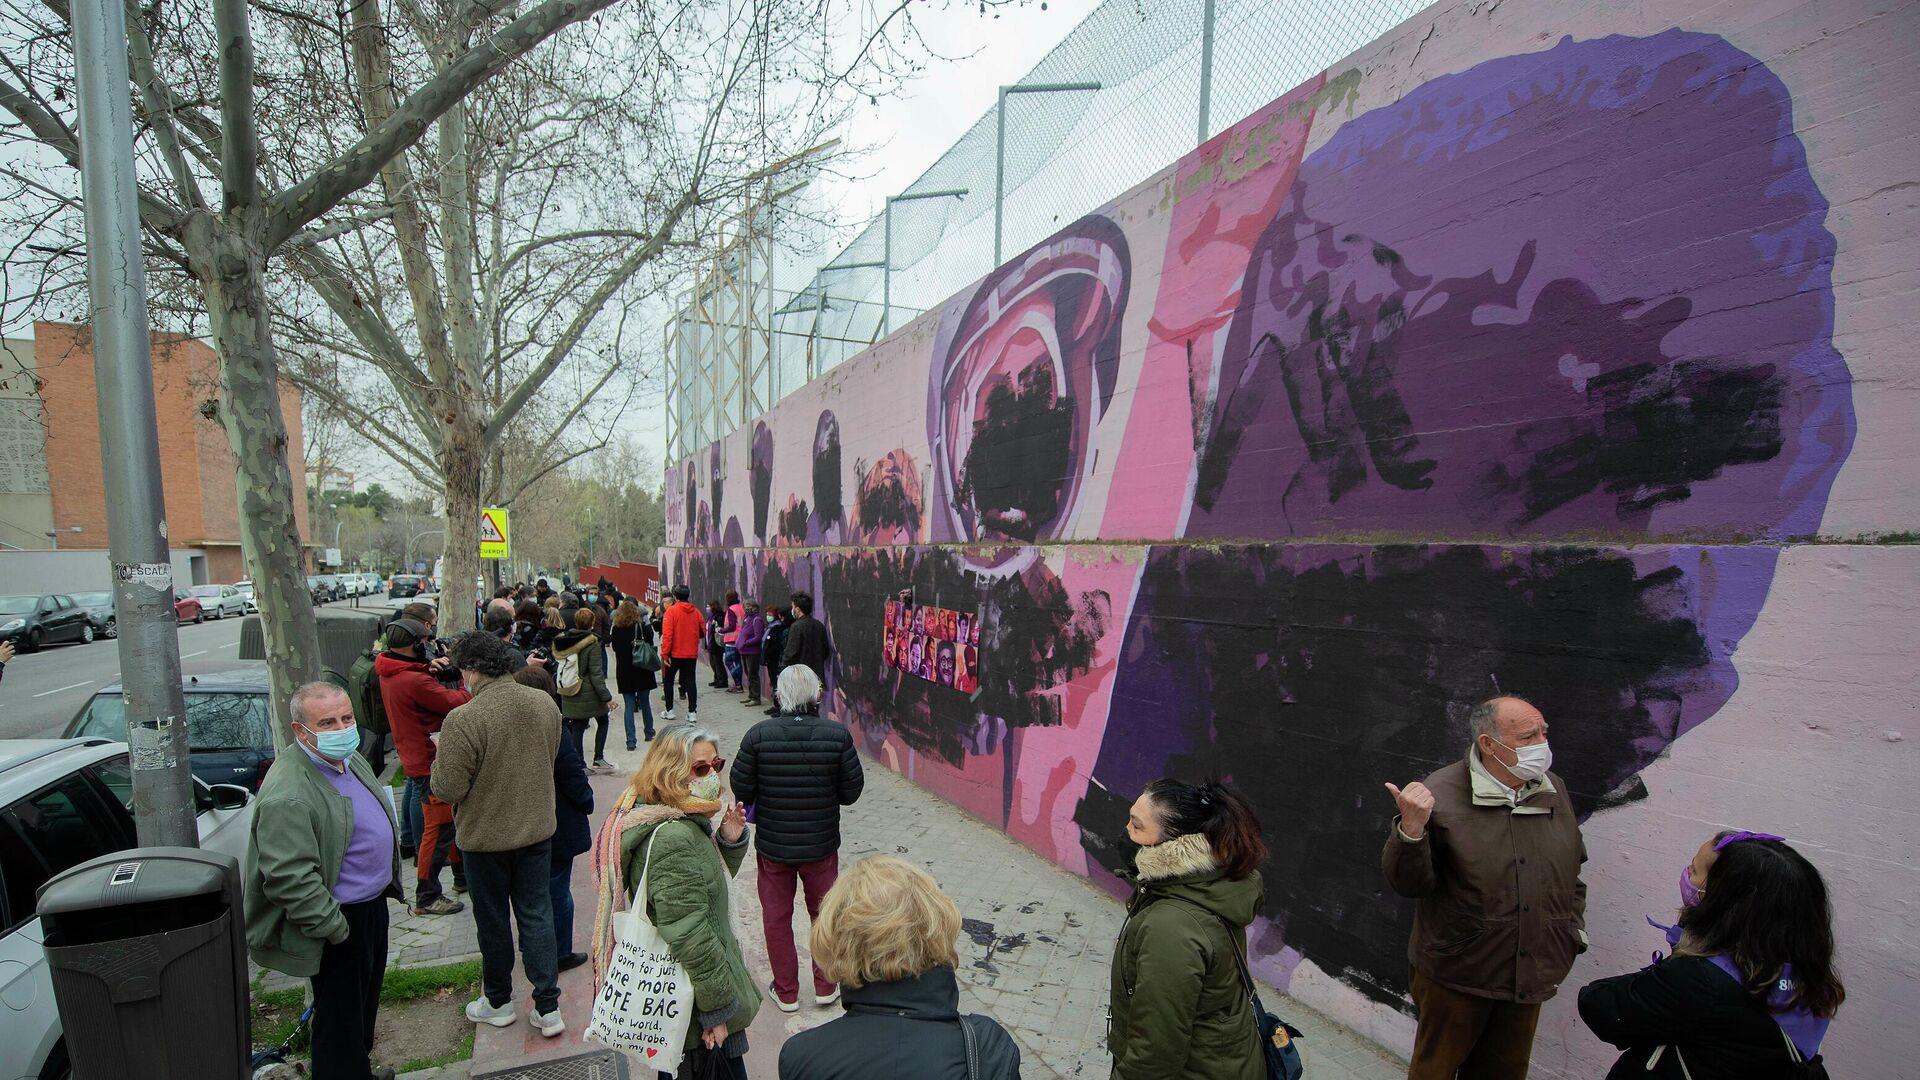 Transeúntes observan el mural feminista de Ciudad Lineal que ha amanecido este 8M, Día Internacional de las Mujeres, completamente vandalizado. Madrid, 8 de marzo de 2021. - Sputnik Mundo, 1920, 08.03.2021